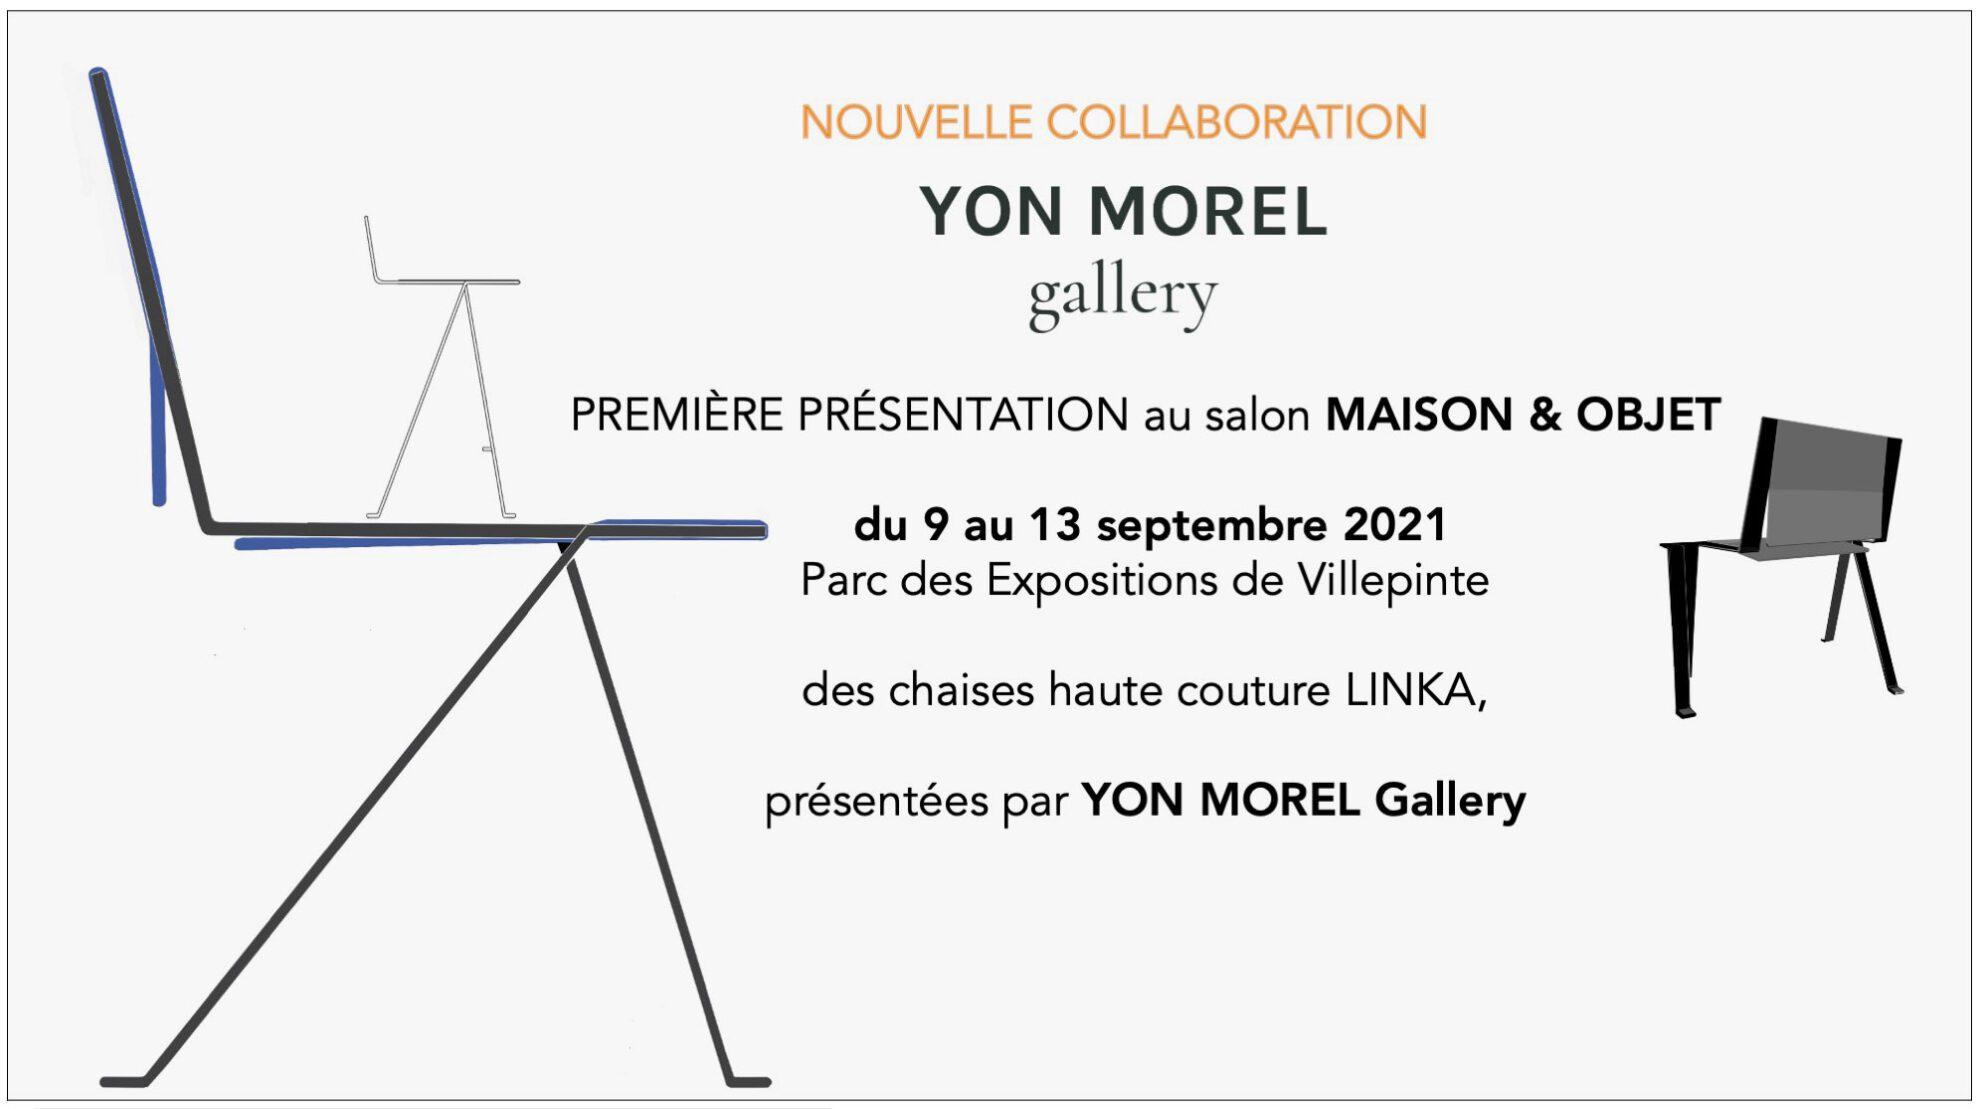 Maison & Objet, du 9 au 13 septembre 2021, les Chaises LINKA présentées par YON MOREL gallery